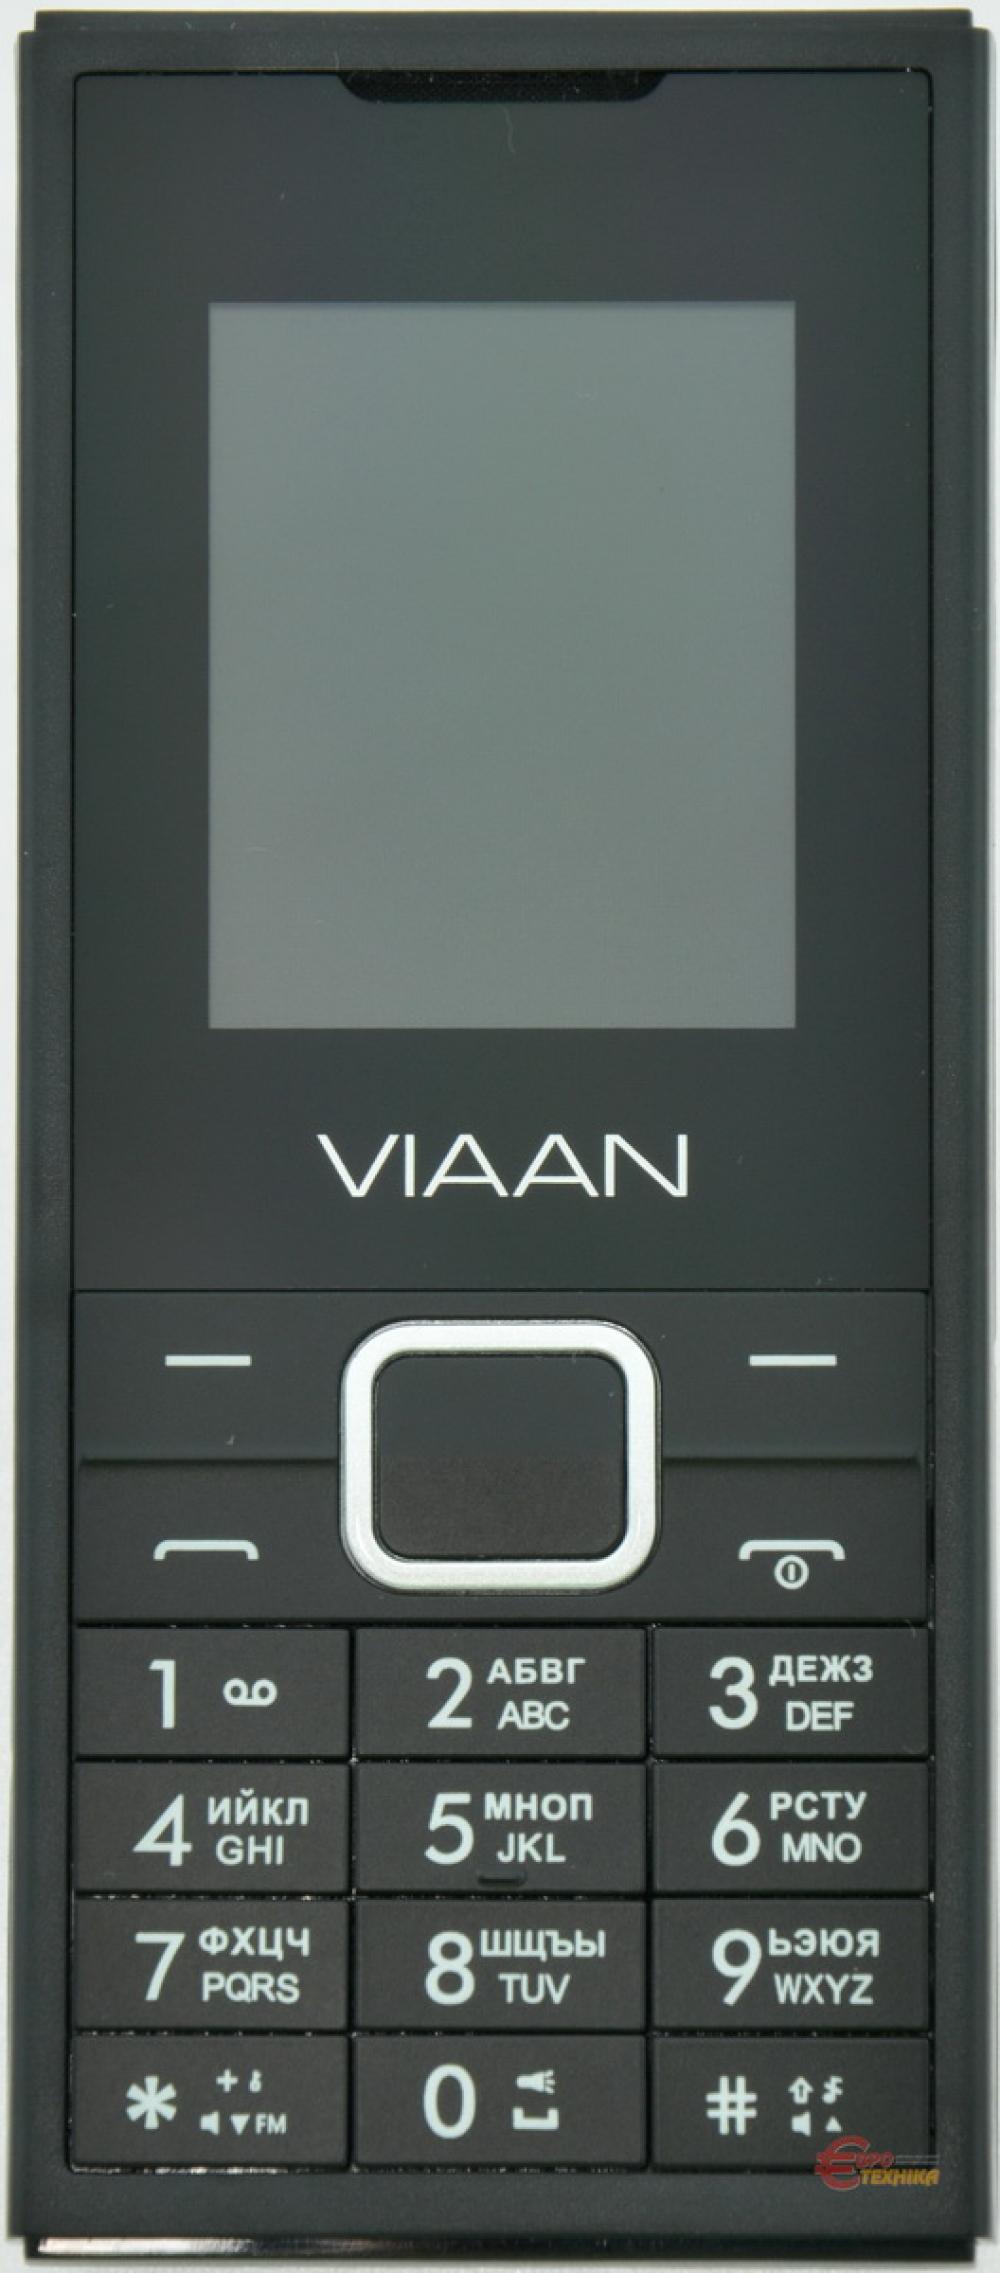 Мобільний телефон Viaan V181 Dual Sim Black - фото 2.